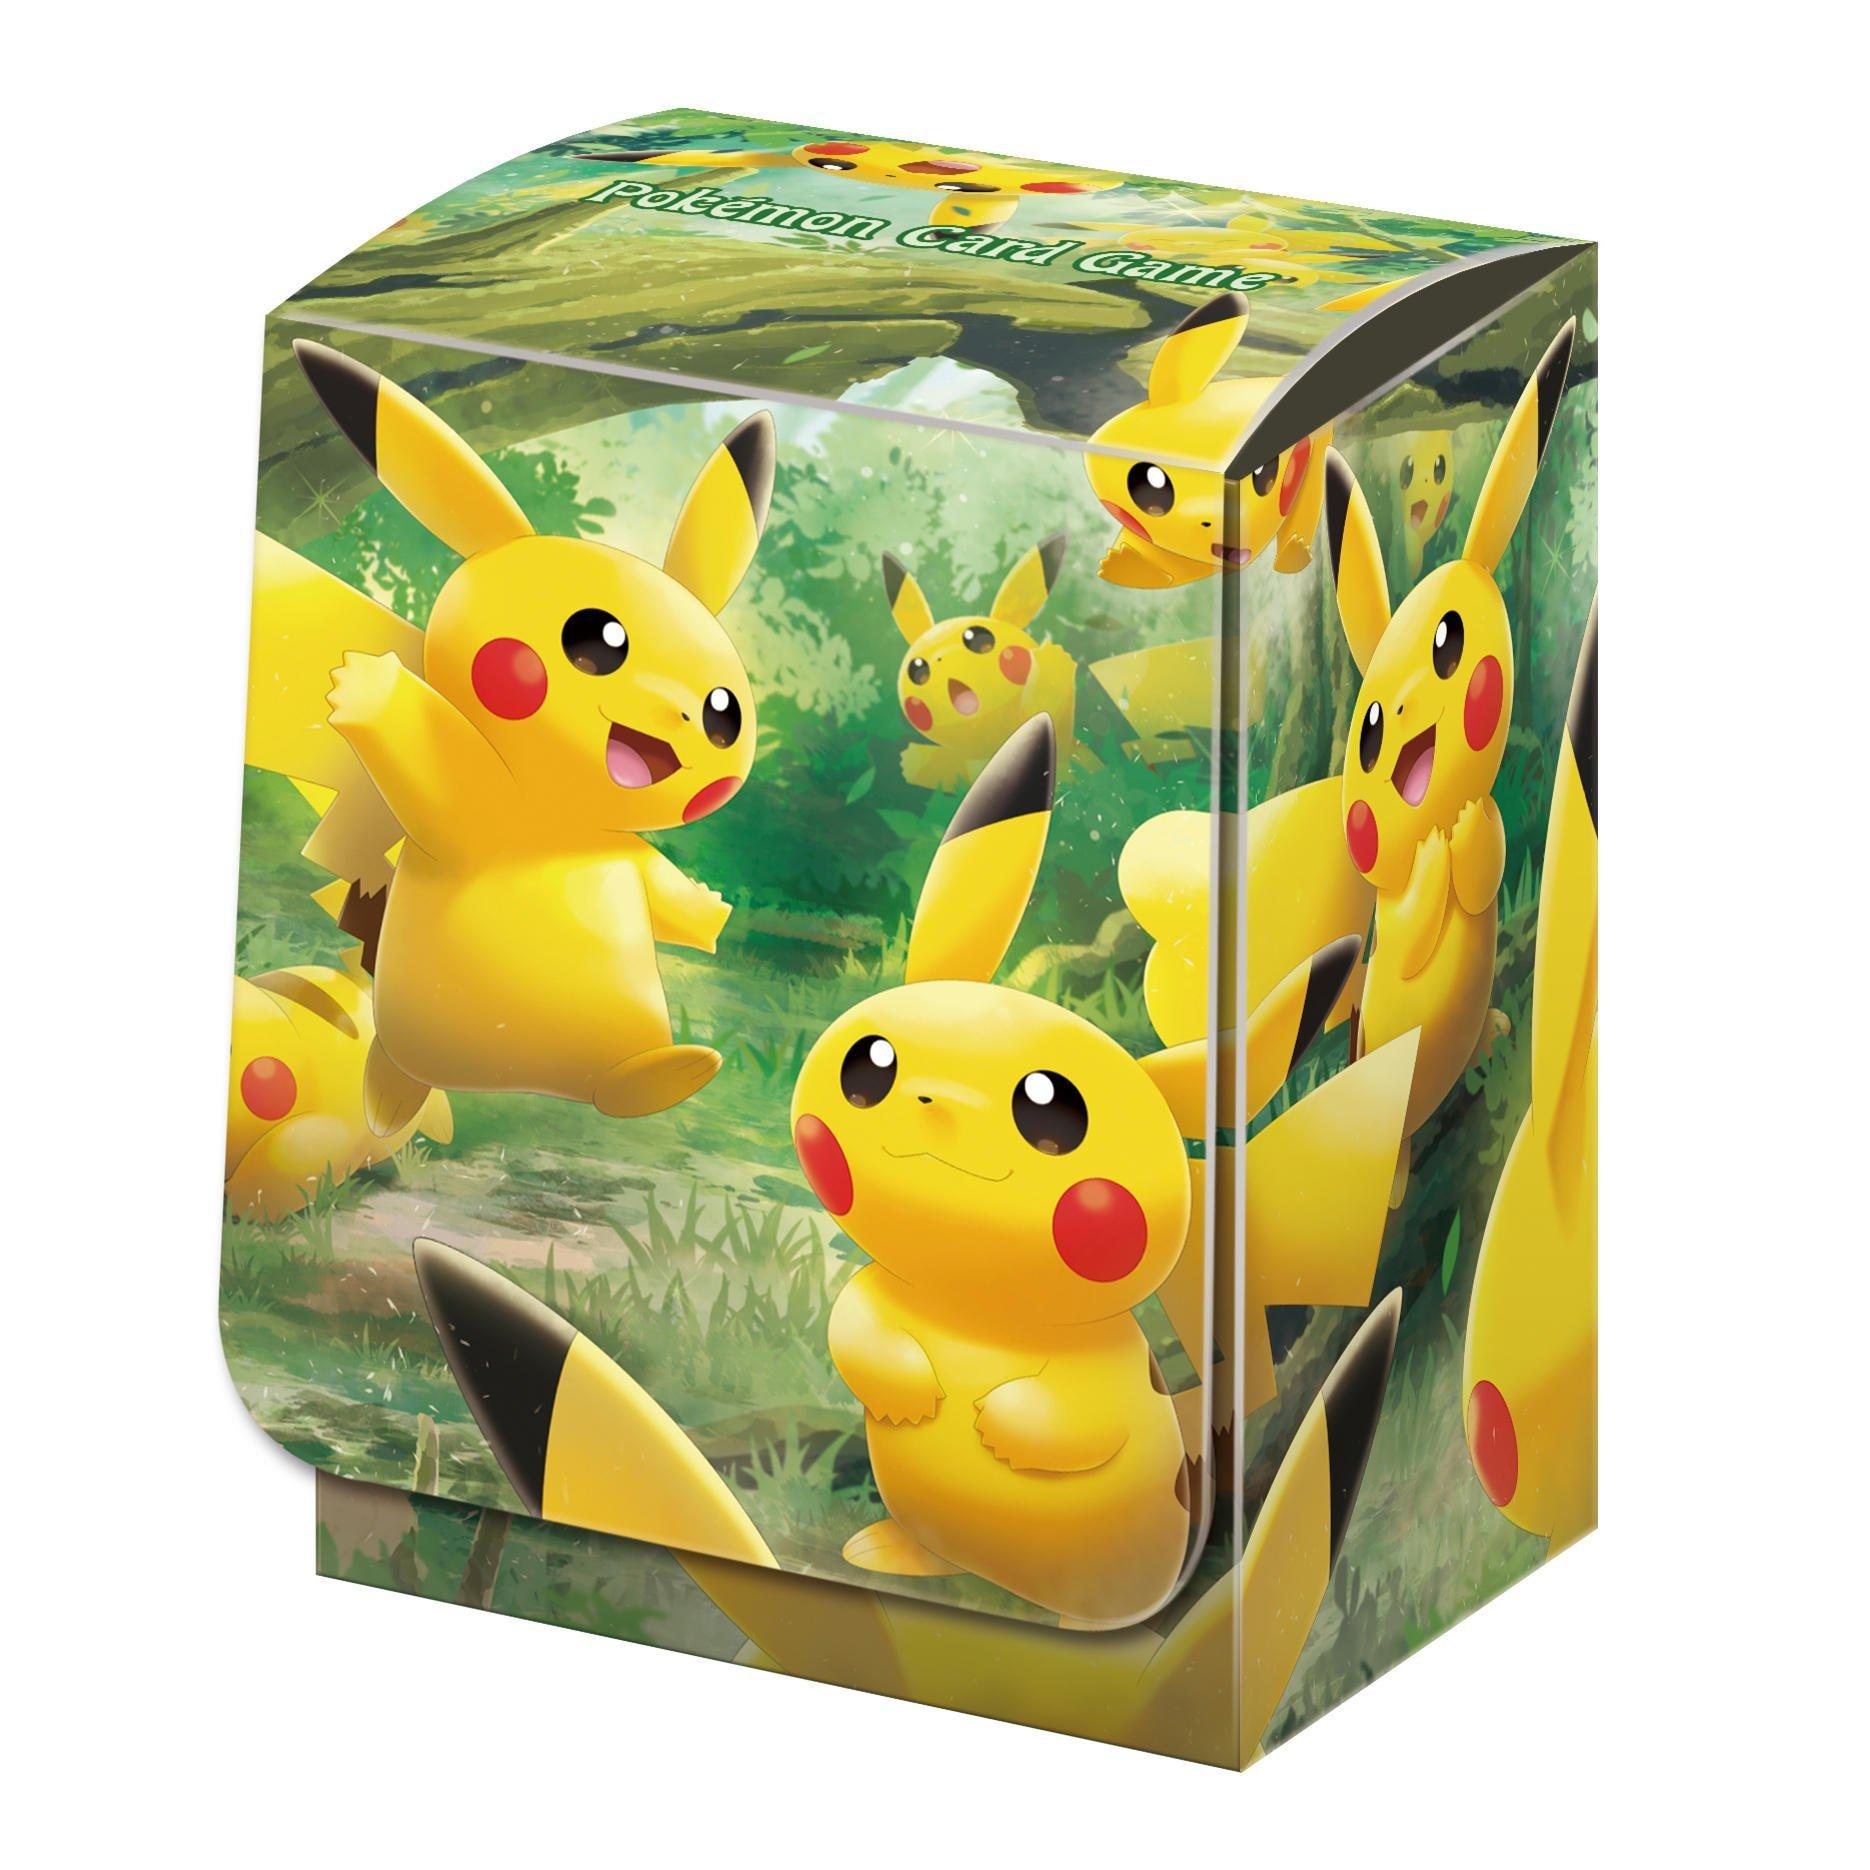 神奇寶貝 卡牌收集盒 Pokemon Deck Box Case 皮卡丘之森